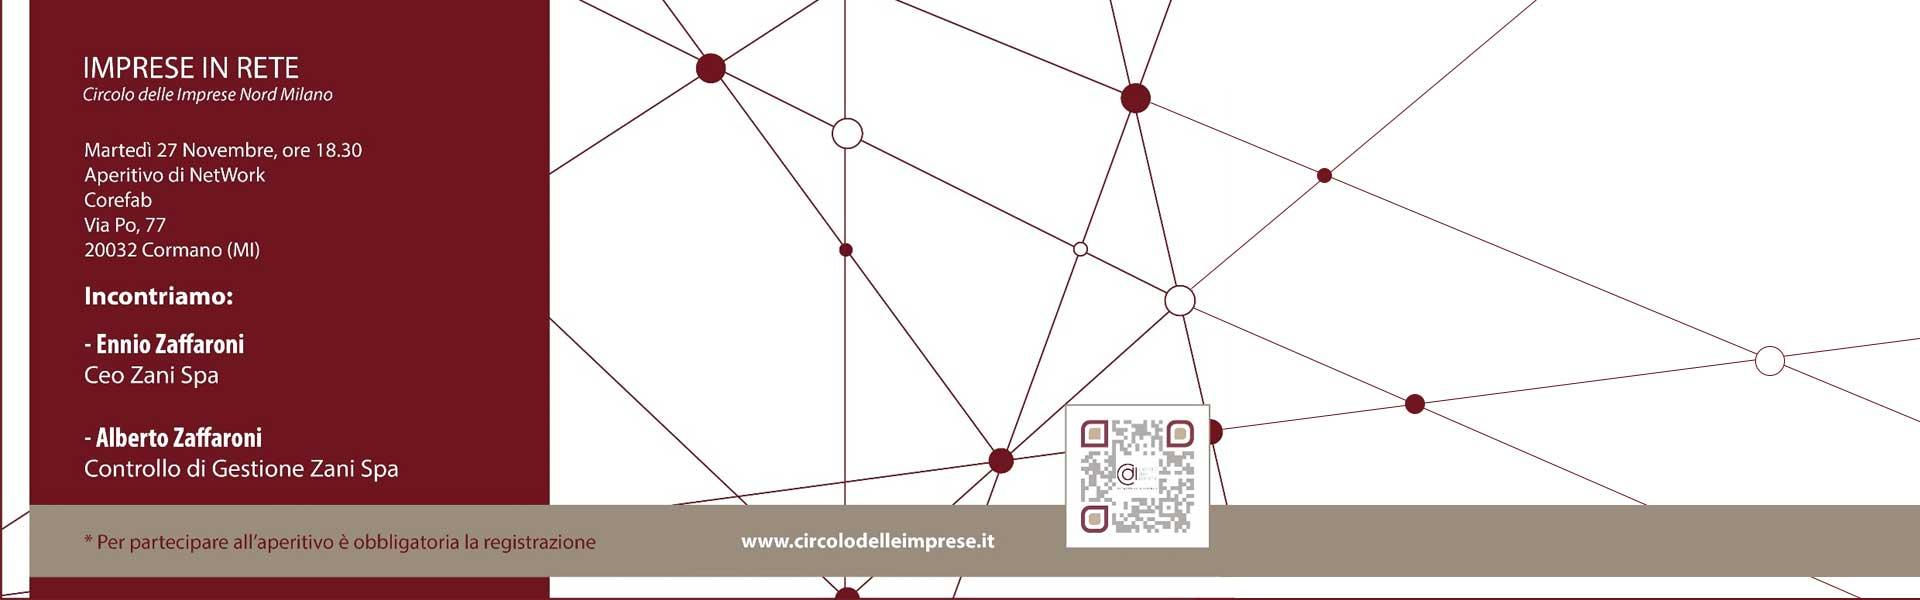 Imprese in rete, Circolo delle Imprese Nord Milano